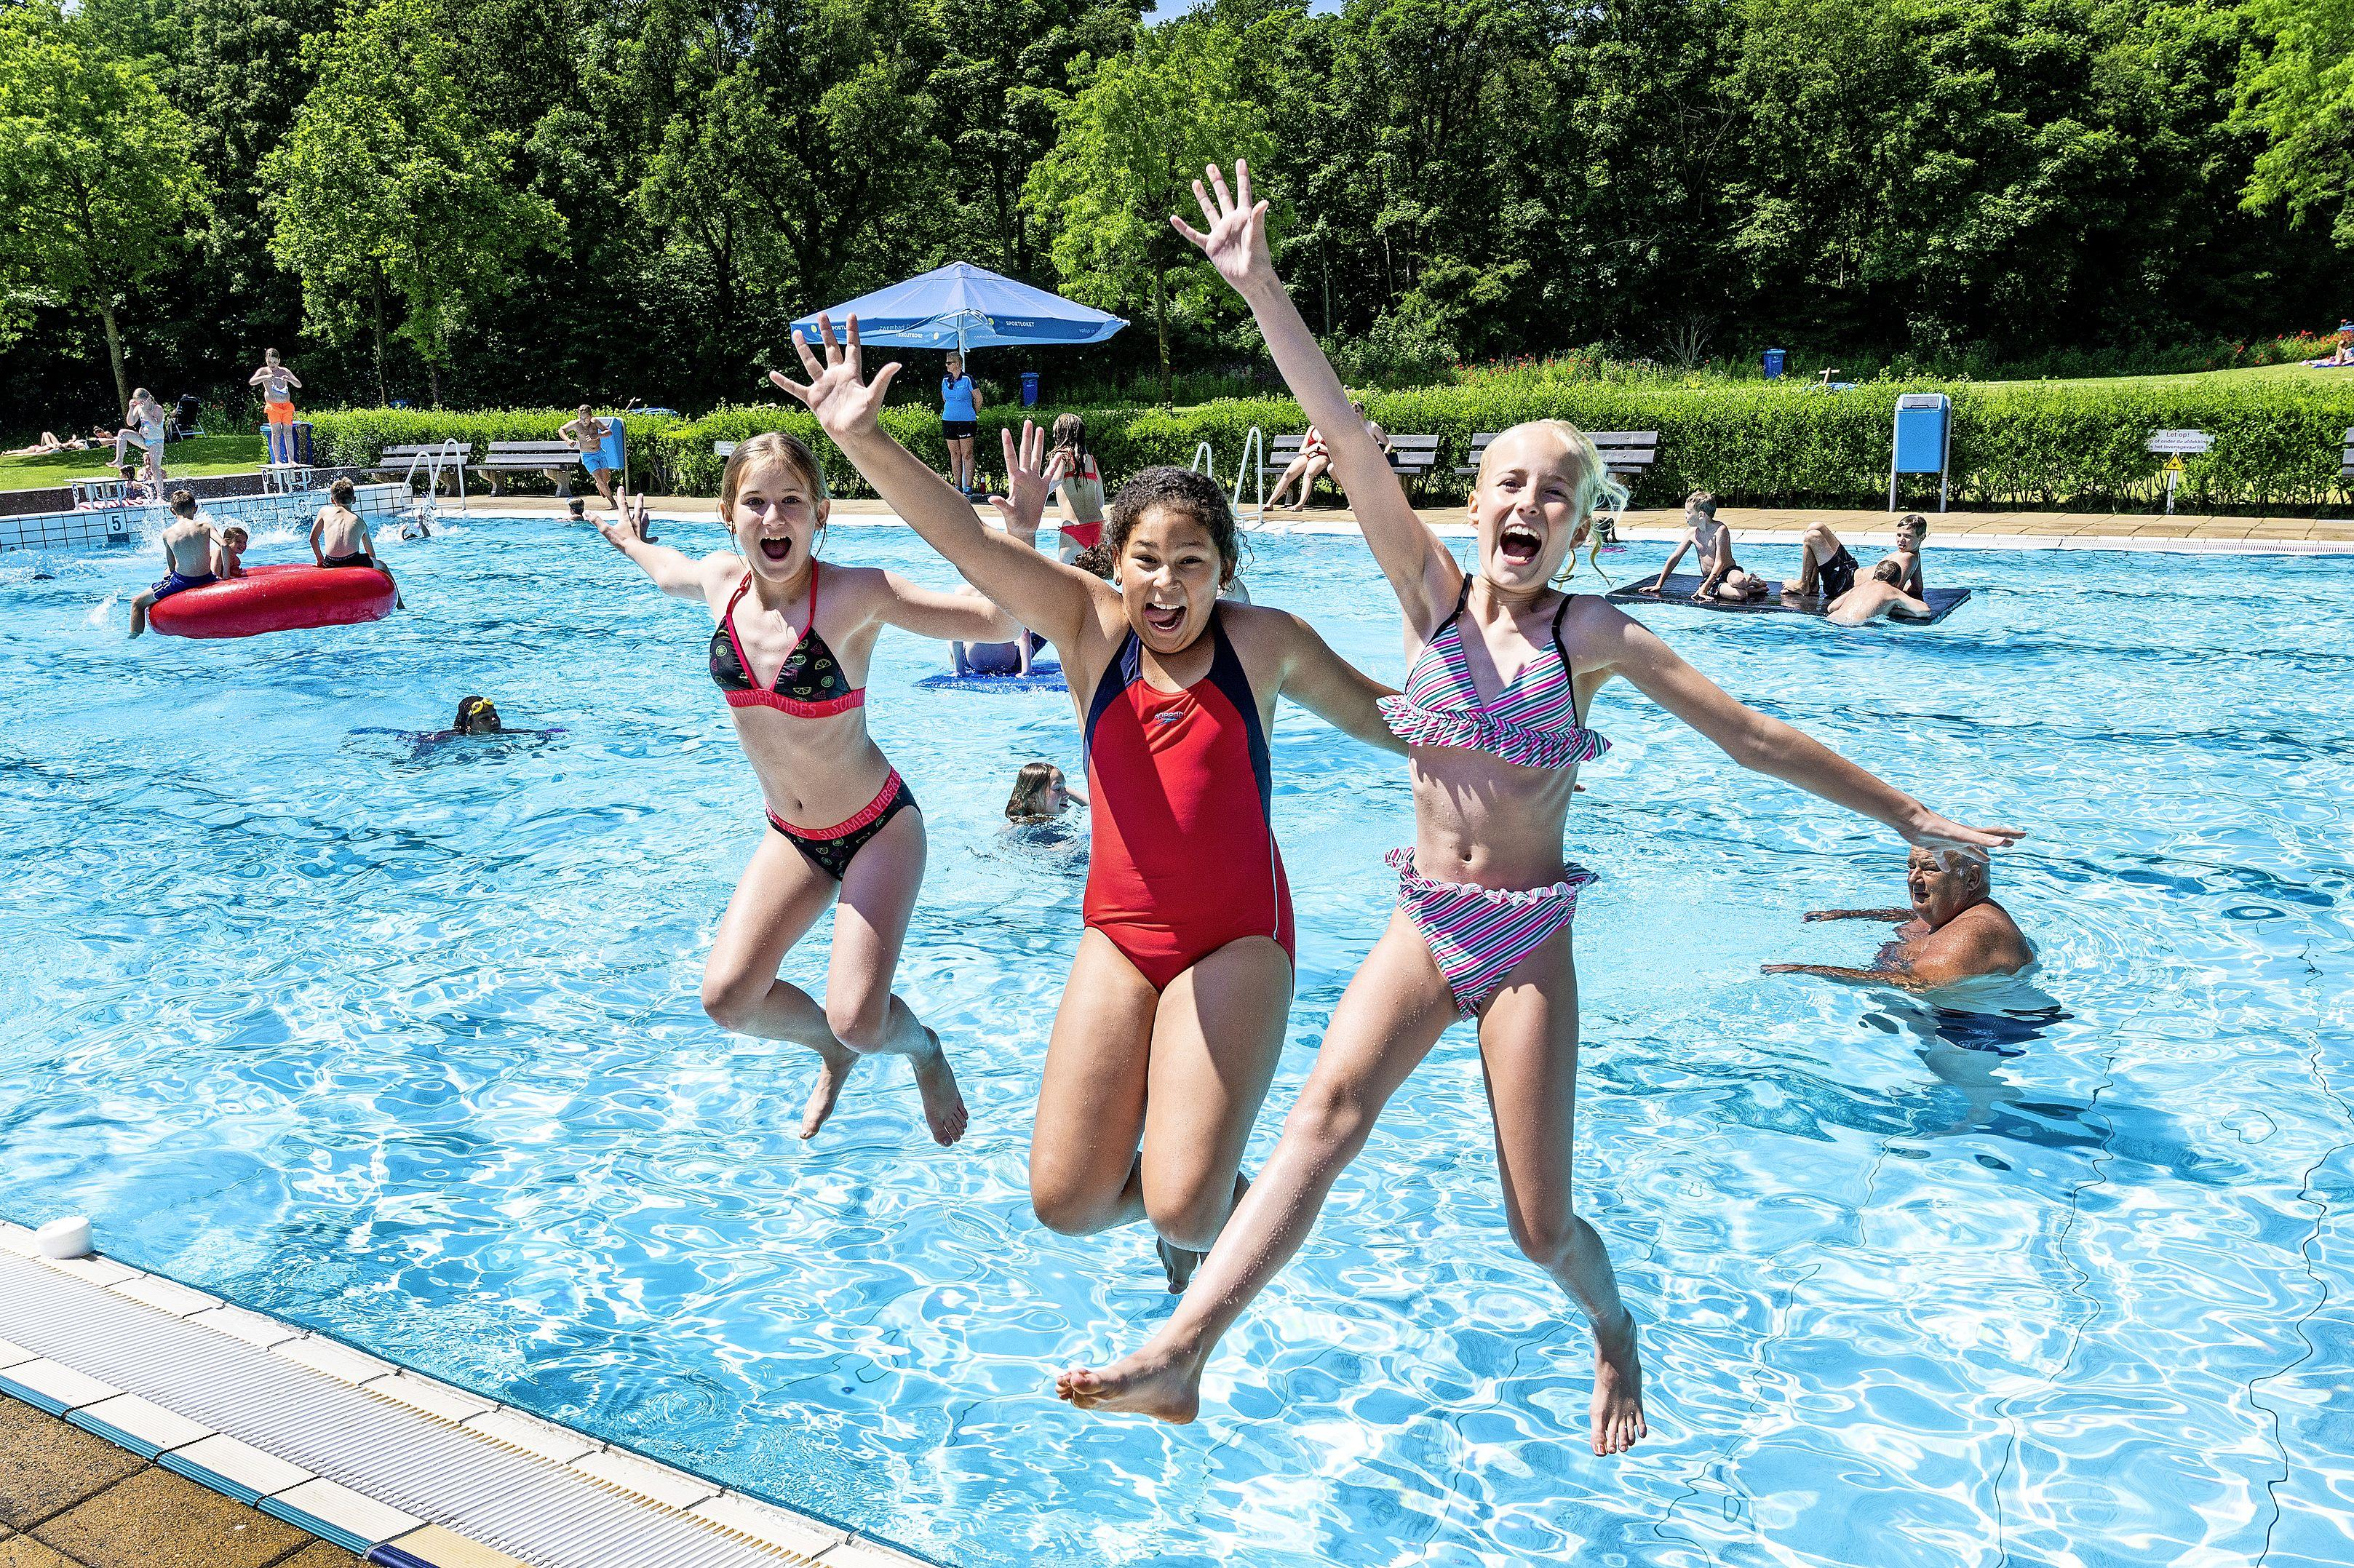 'Zwemmen en zonnen is heerlijk', buitenbaden profiteren optimaal van zonnige weer